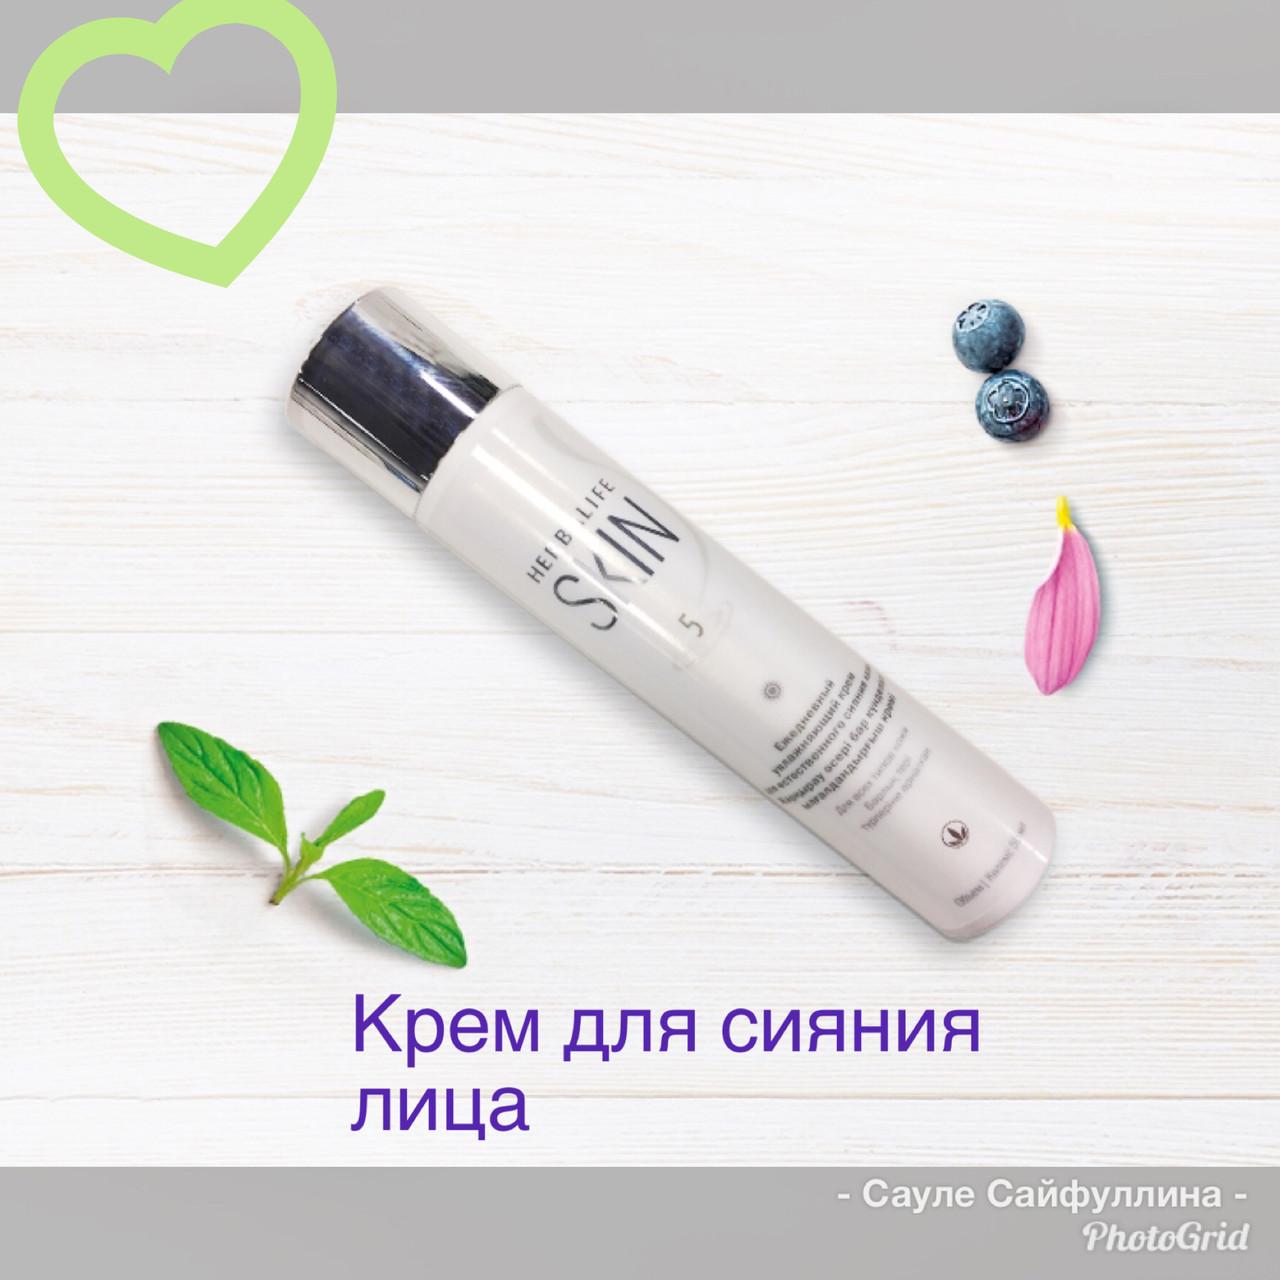 Ежедневный увлажняющий крем для естественного сияния кожи